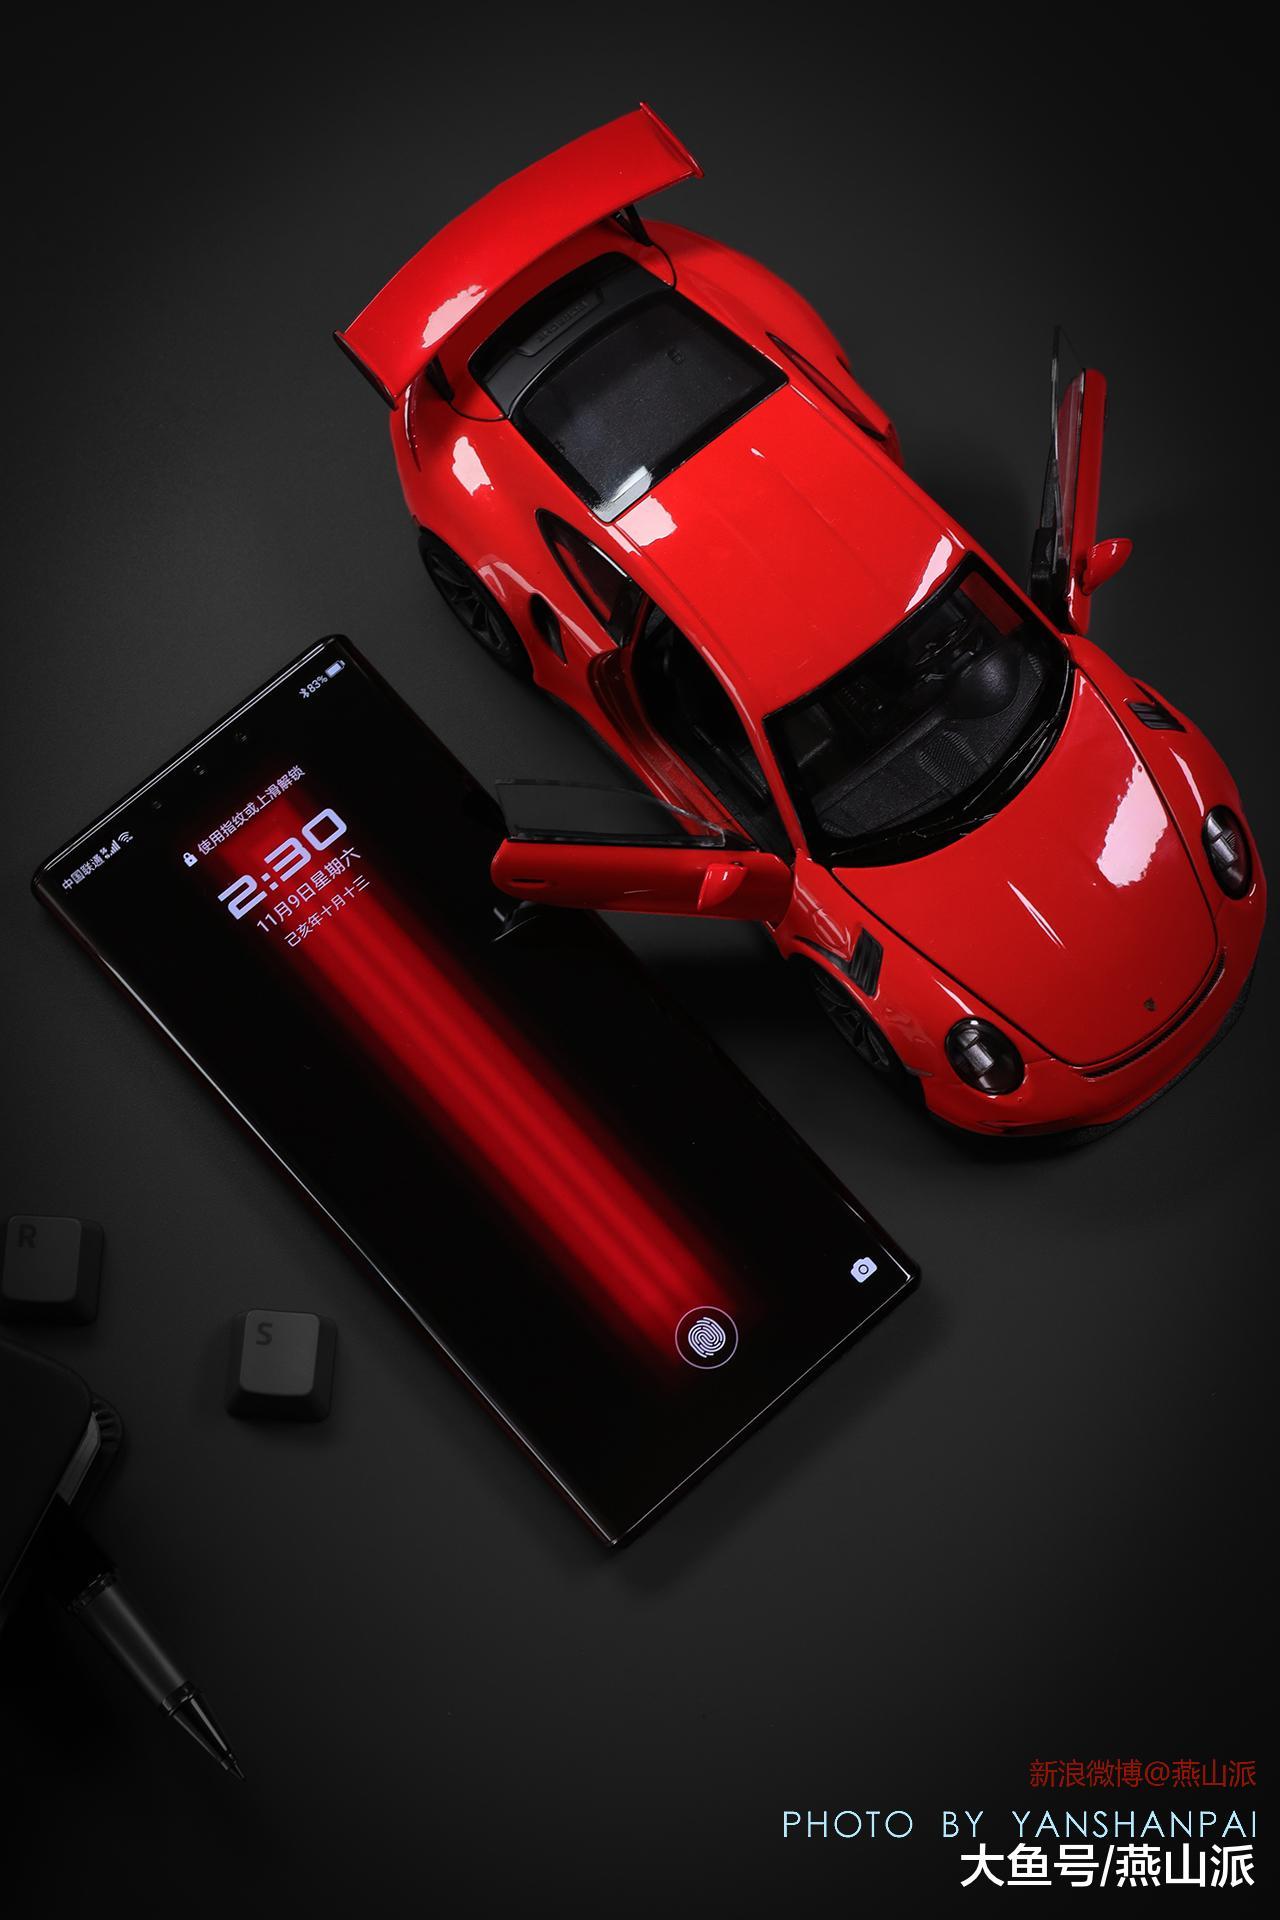 瑞红华为Mate30 RS保时捷设计高清图赏,嗯,是超跑的感觉